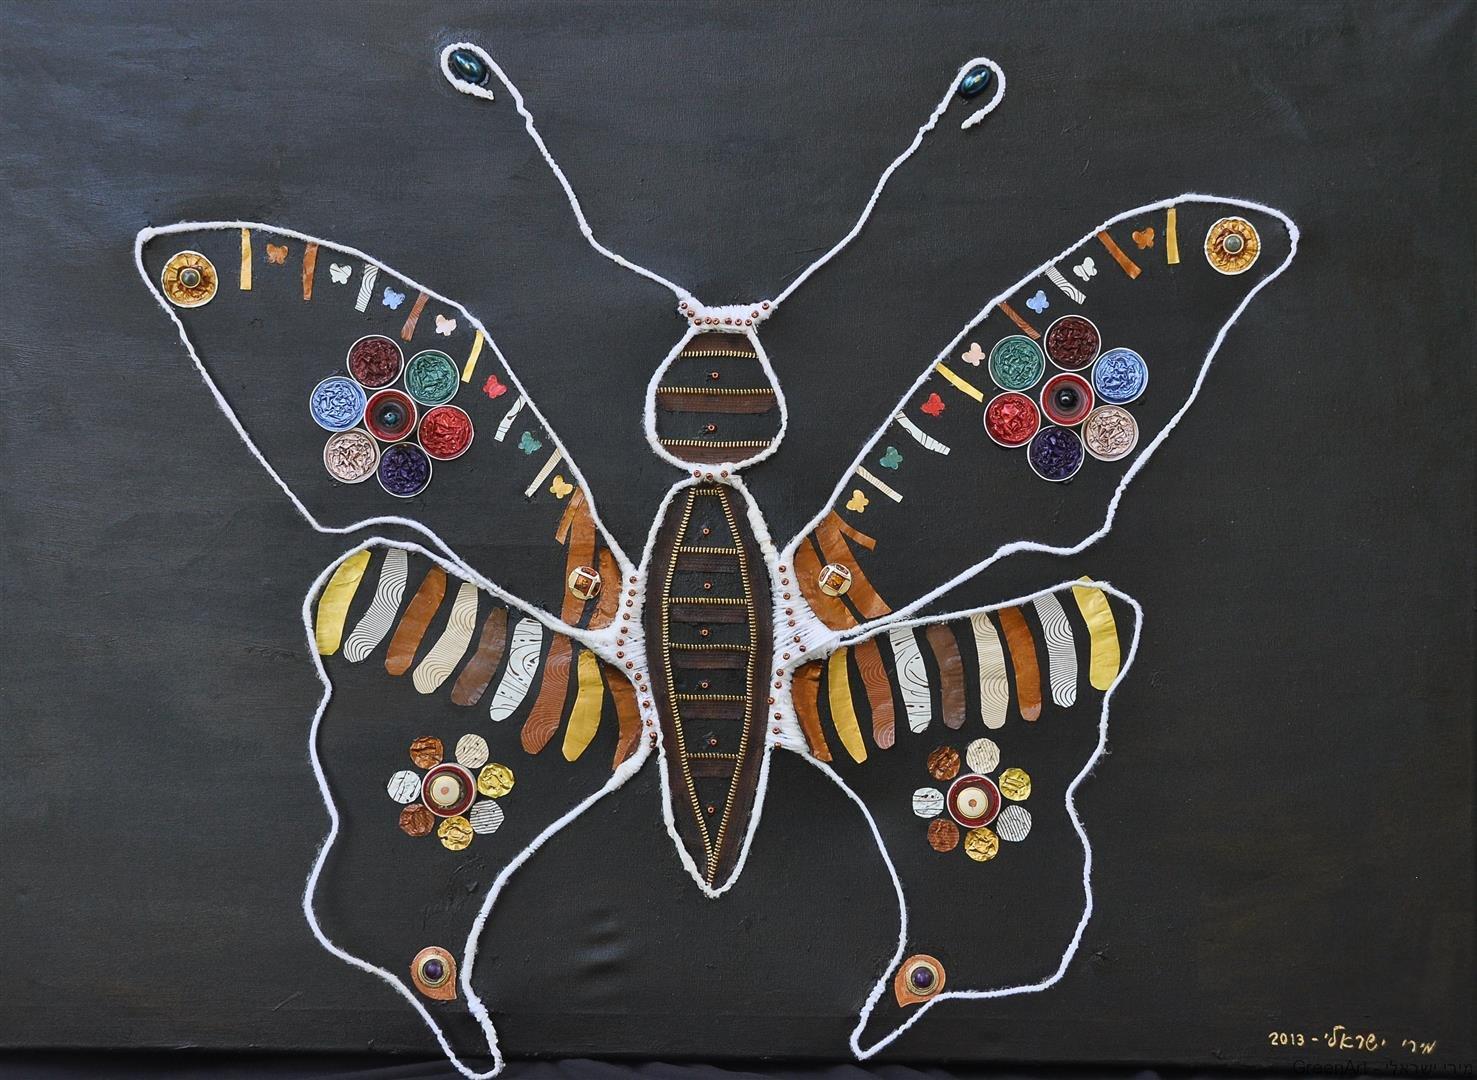 יצירת אמנות - הפרפר הנעלם_ פיסול אקולוגי מחומרים ממוחזרים